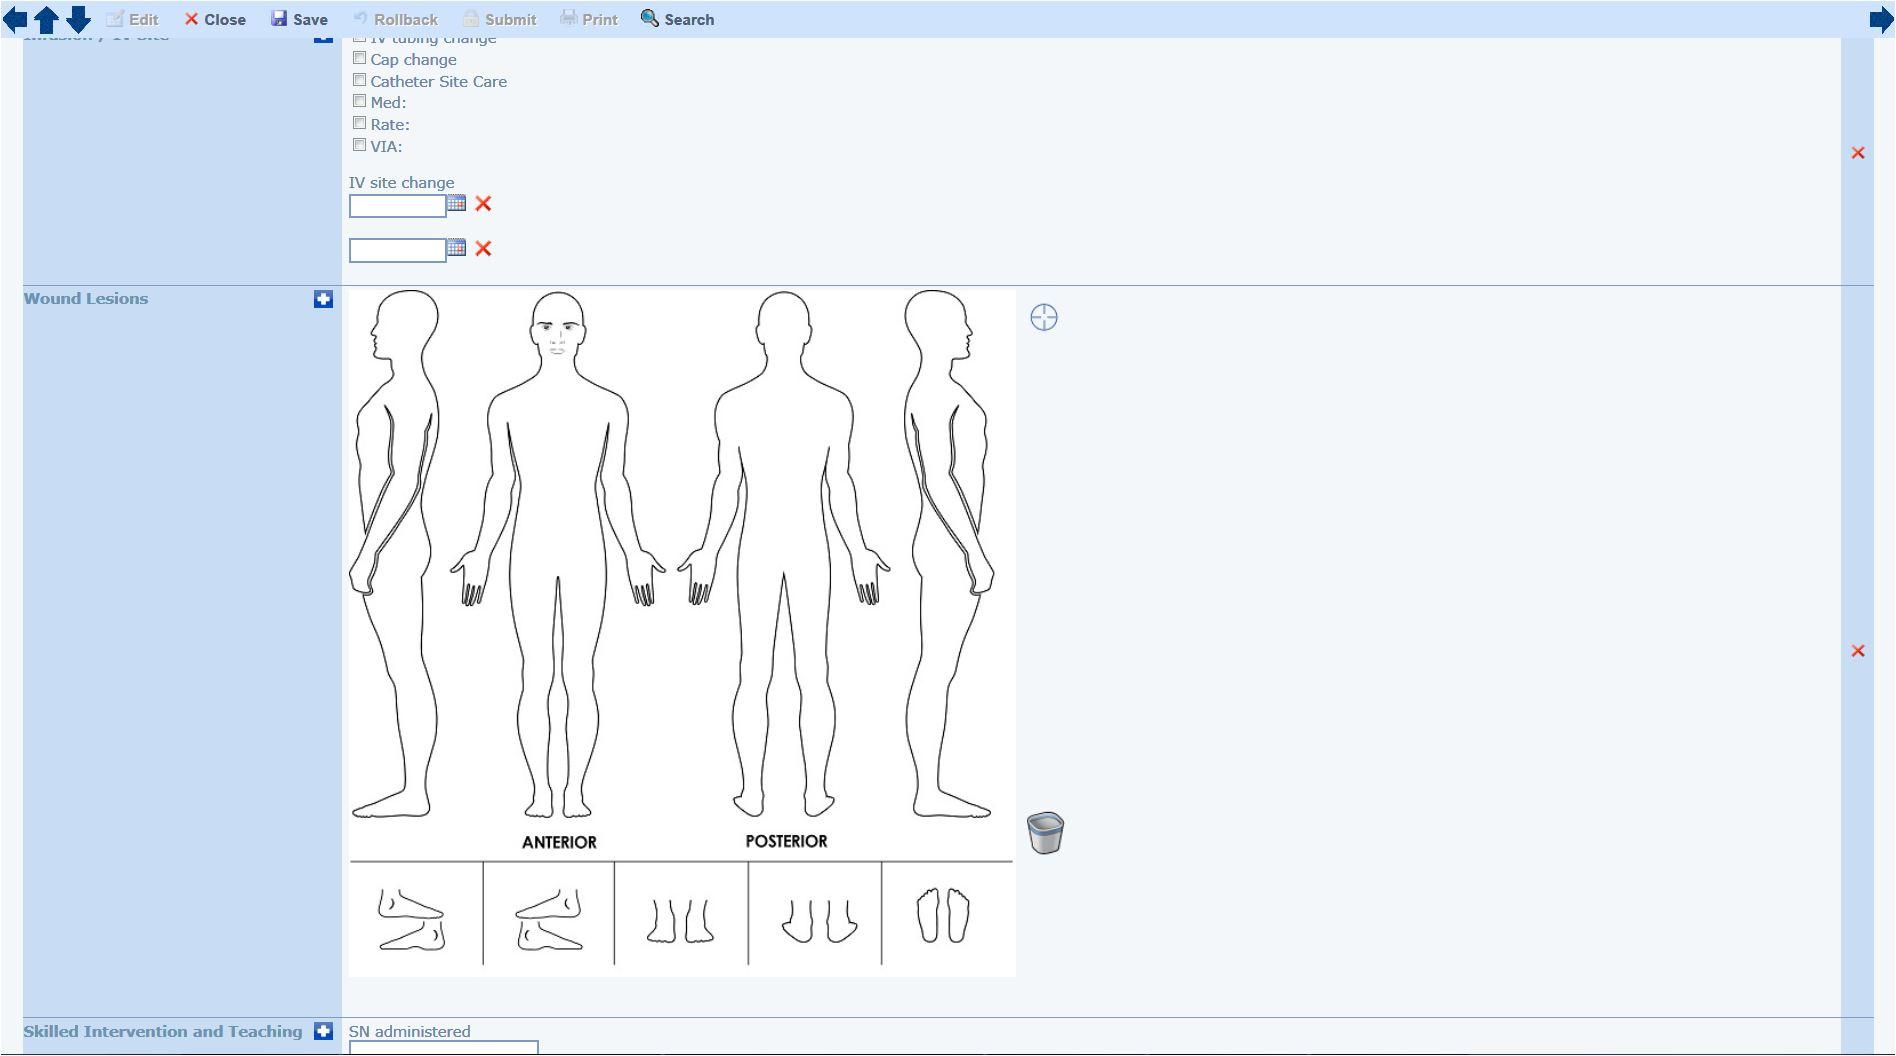 Medical charting